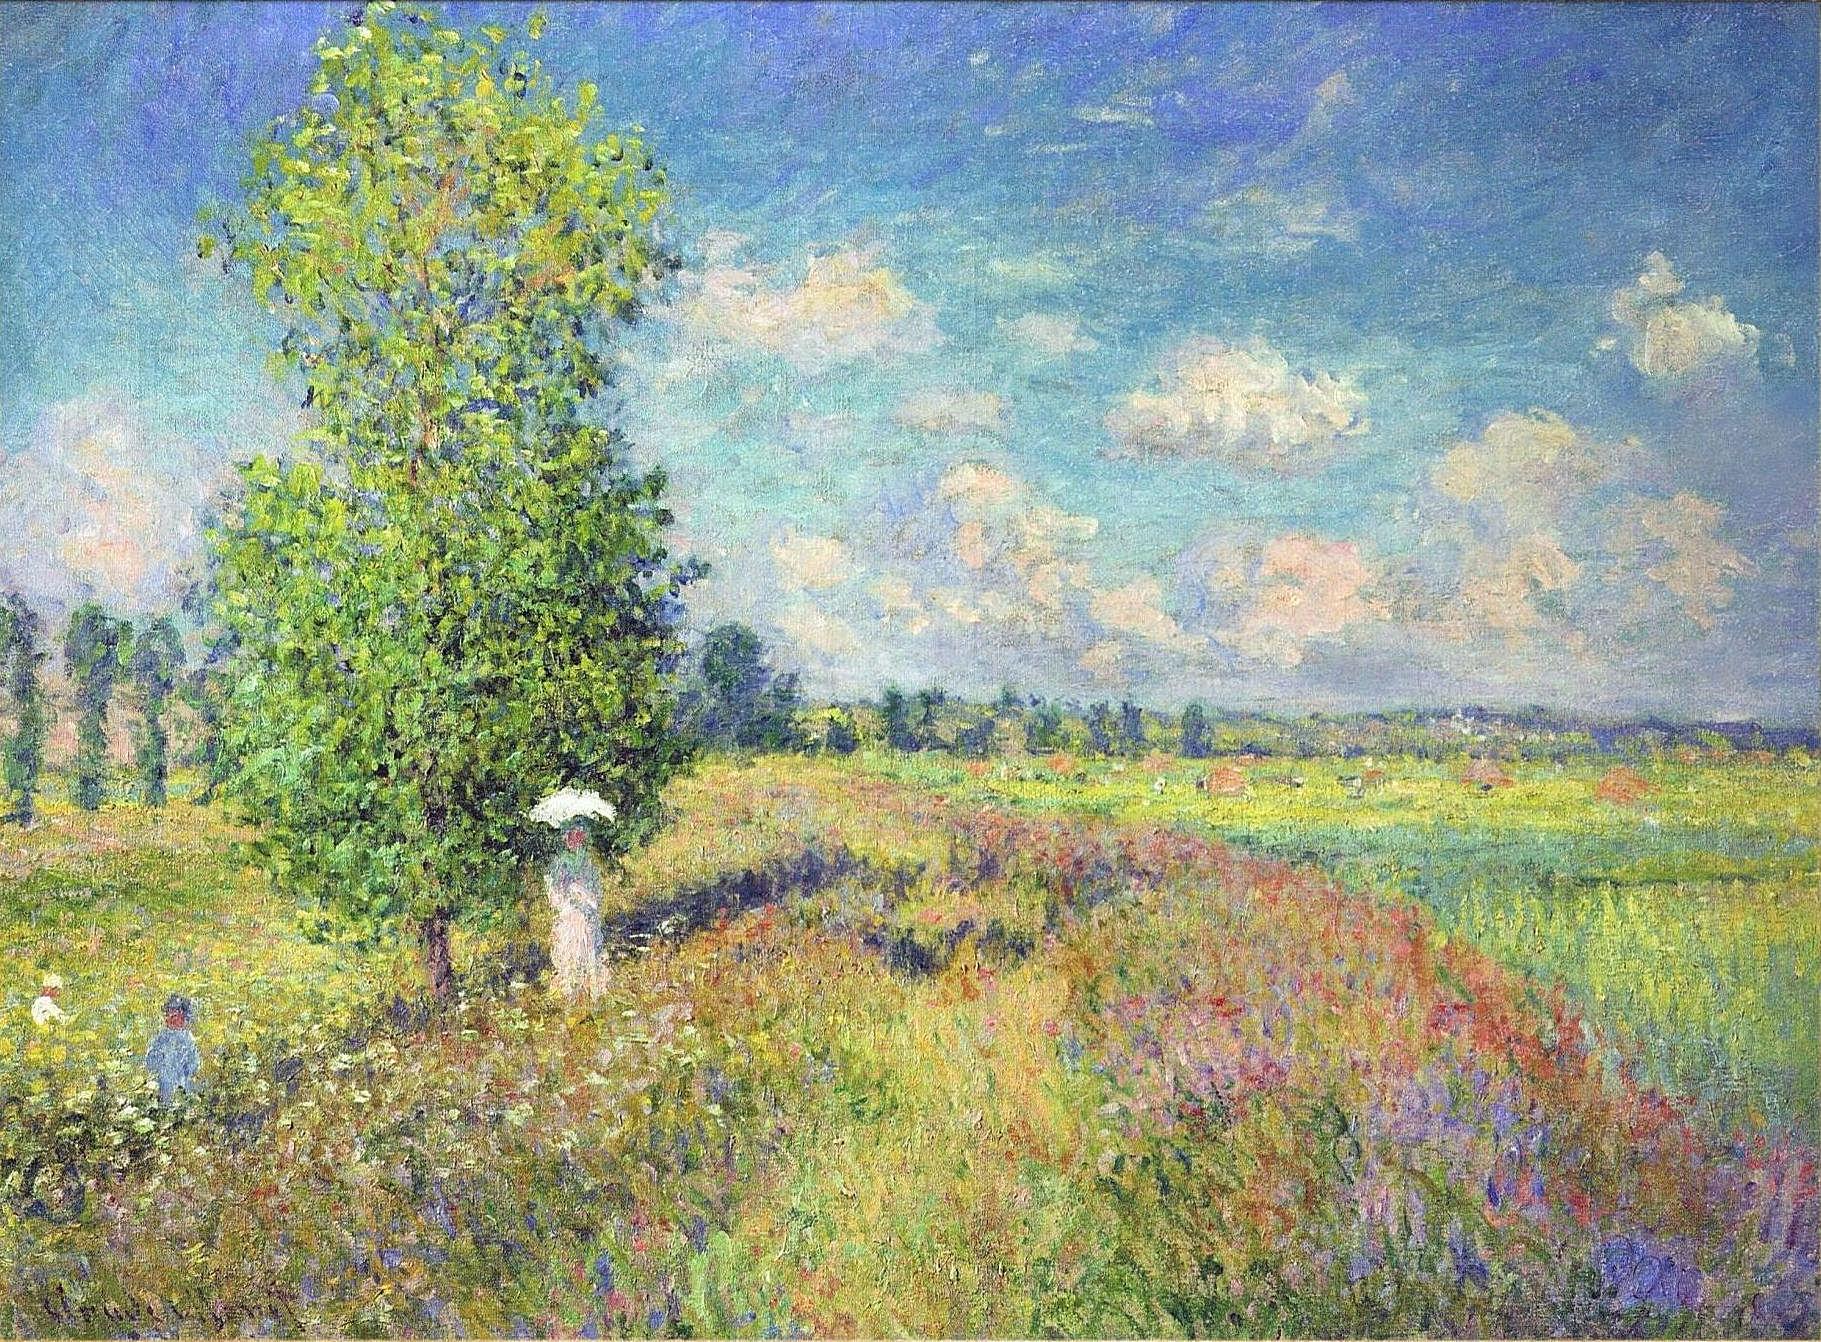 Artworks by Oscar Claude Monet (3 часть) (321 работ) » Страница 10 »  Картины, художники, фотографы на Nevsepic